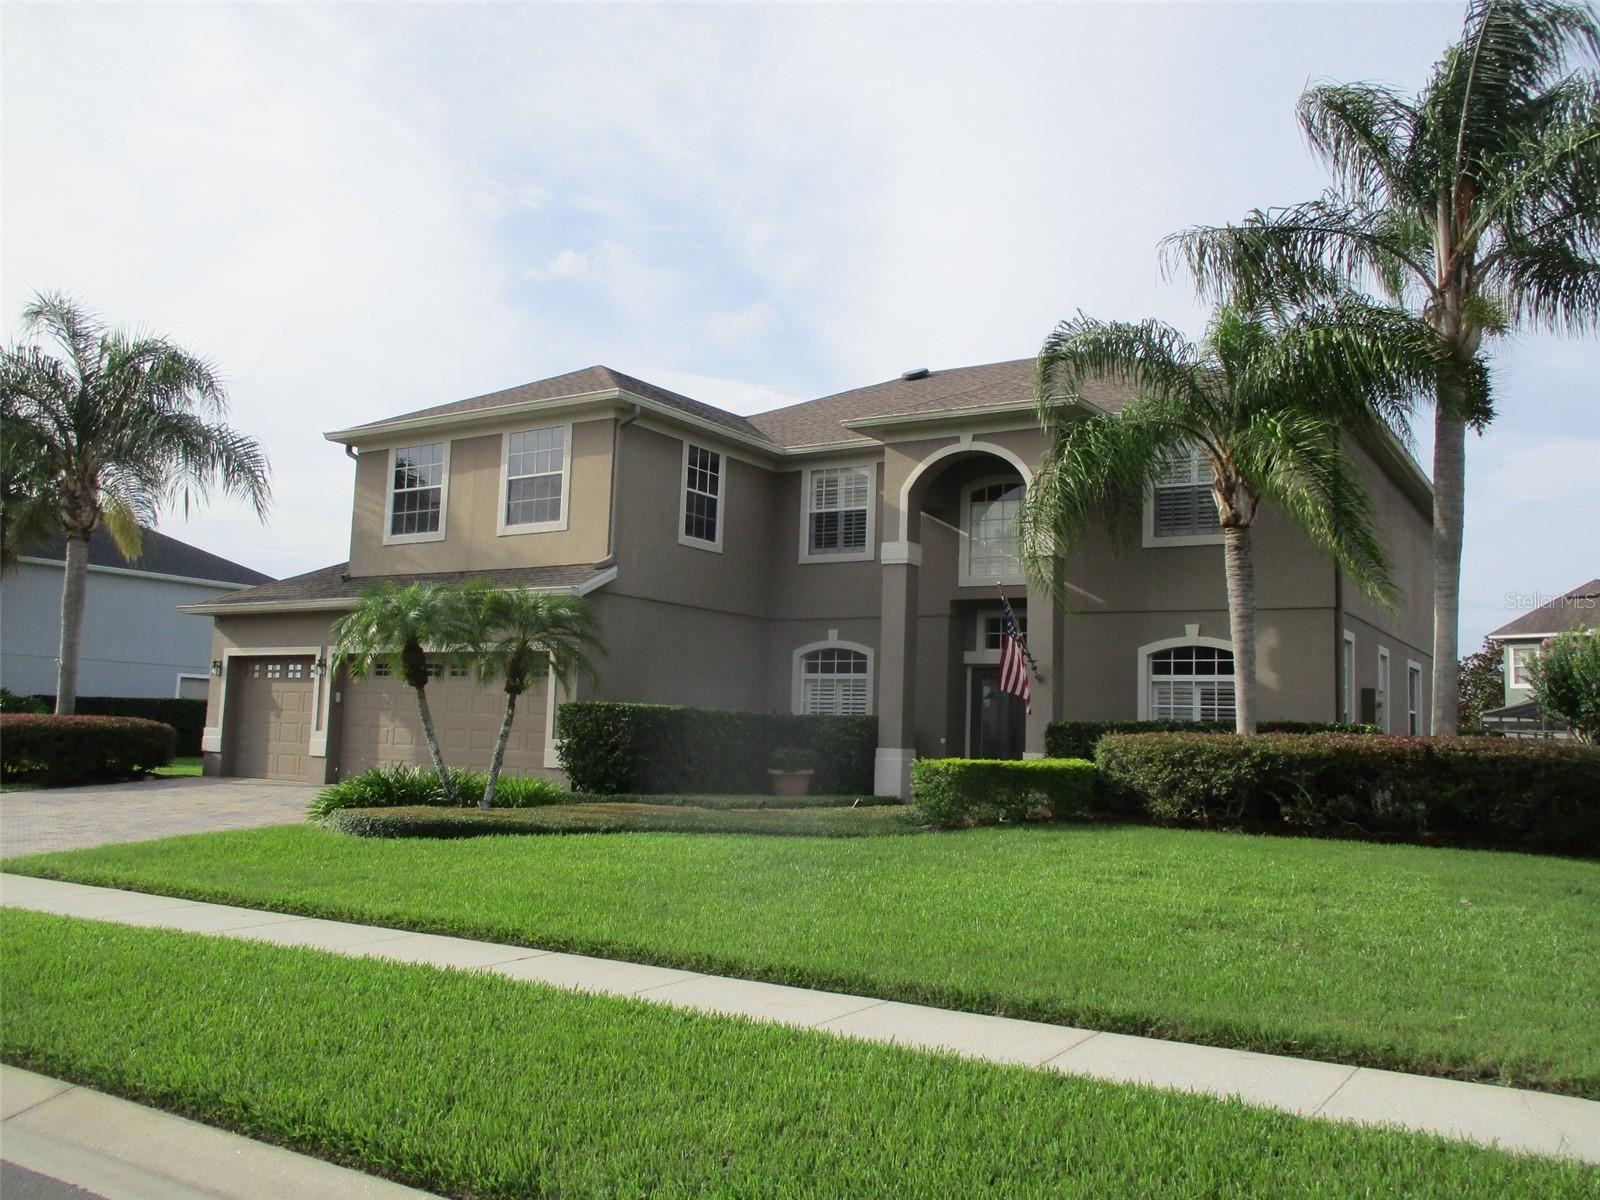 Photo of 5029 HAWKS HAMMOCK WAY, SANFORD, FL 32771 (MLS # W7835202)